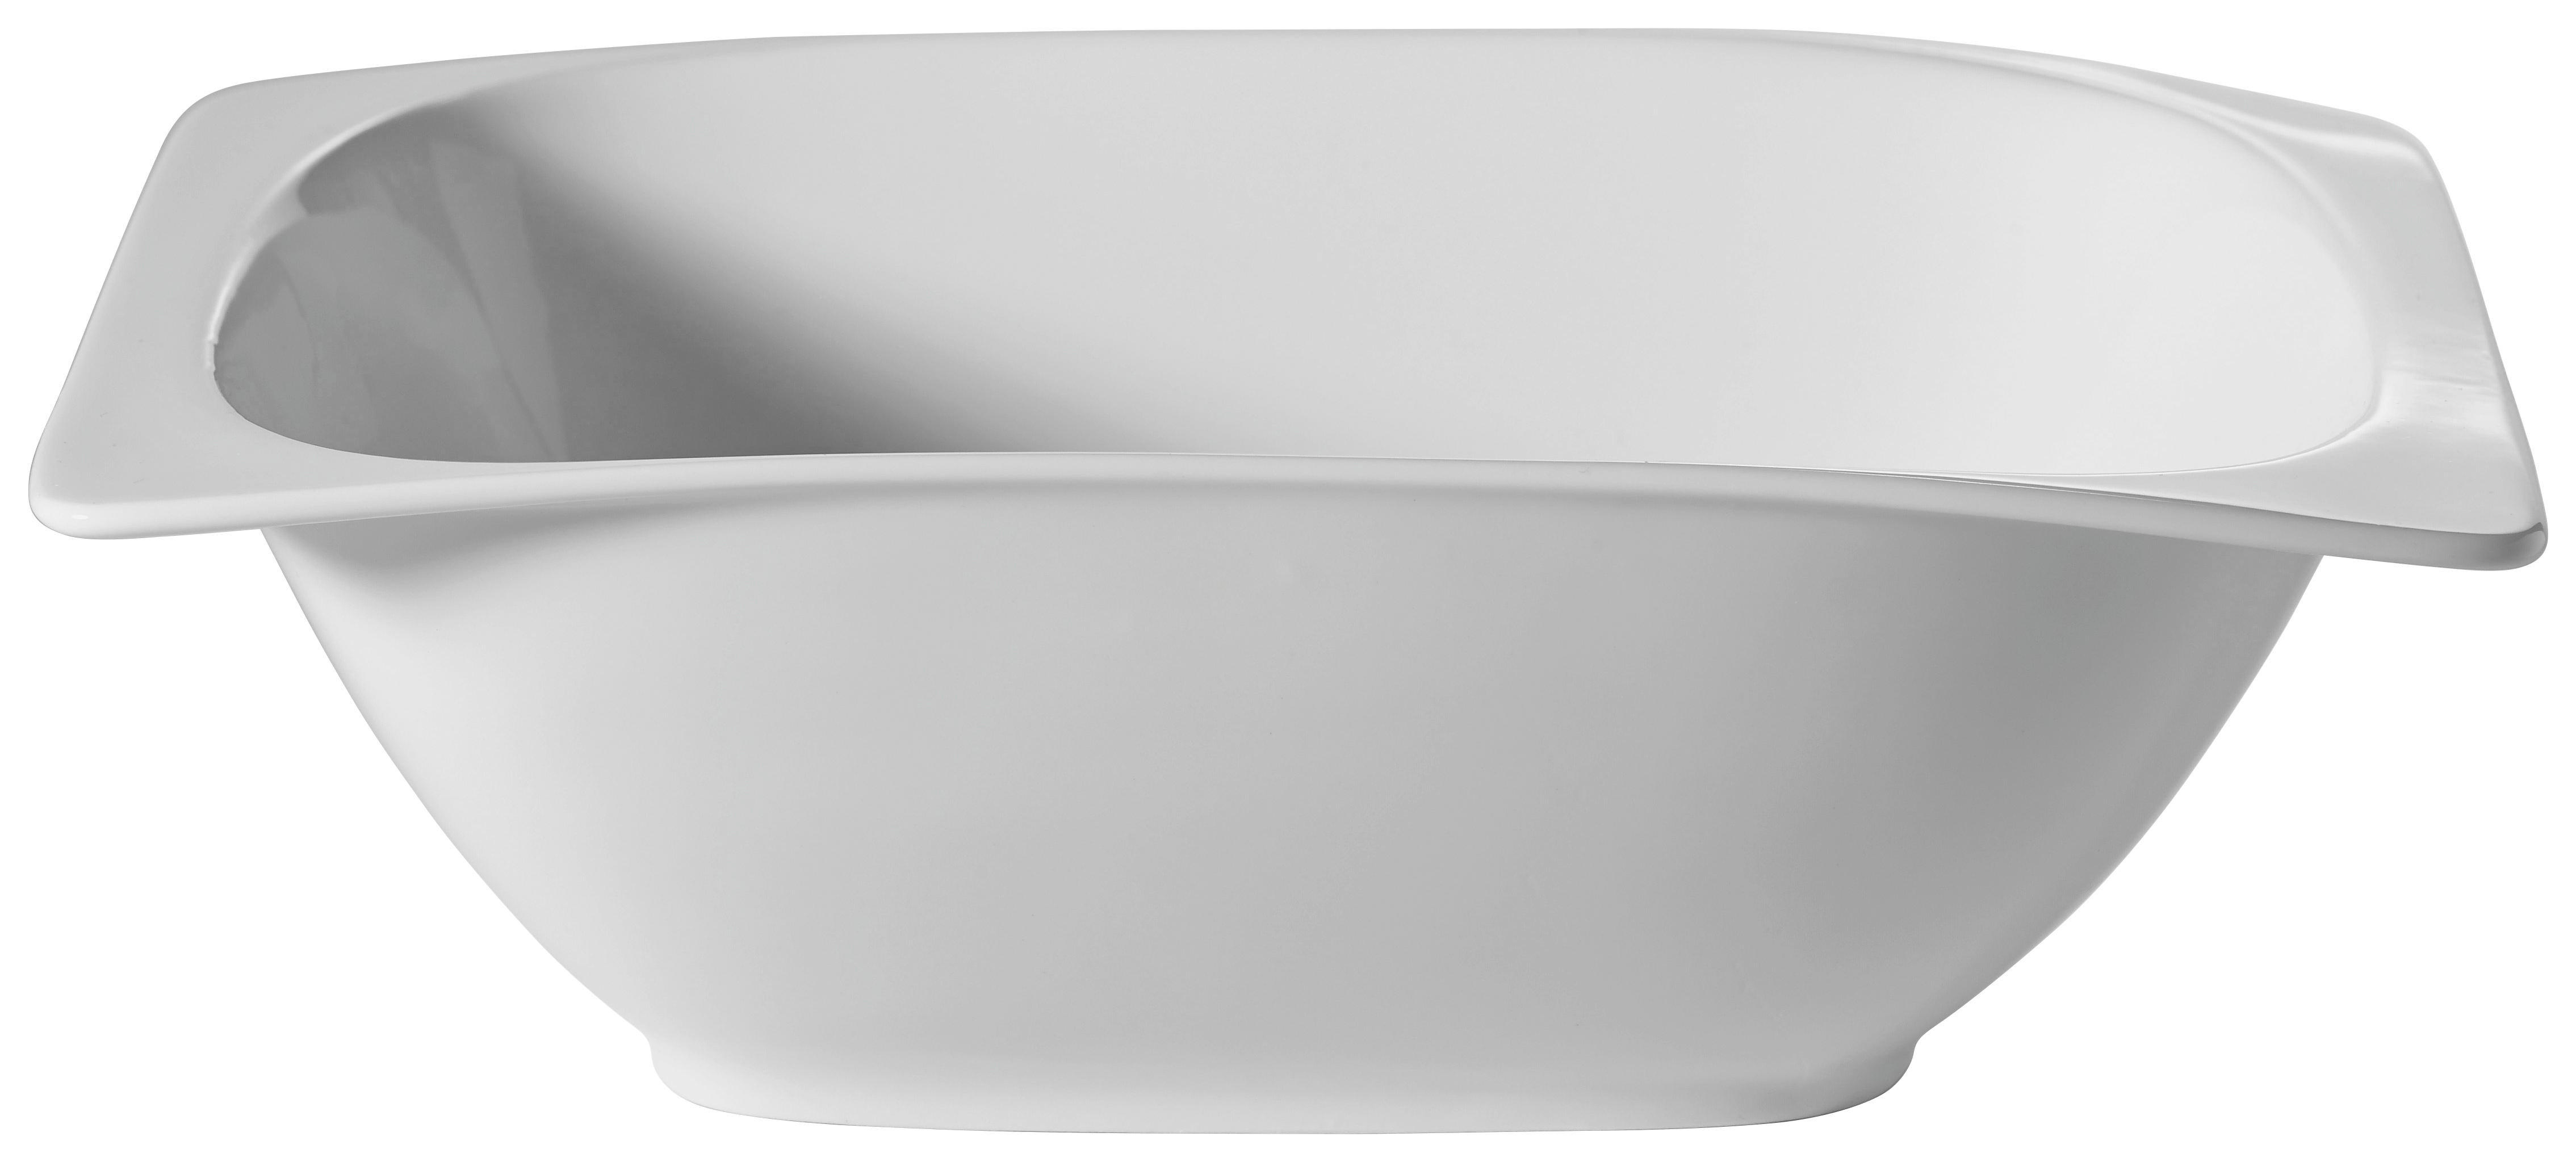 SKLEDA - bela, Basics, keramika (26/21/8cm) - RITZENHOFF BREKER